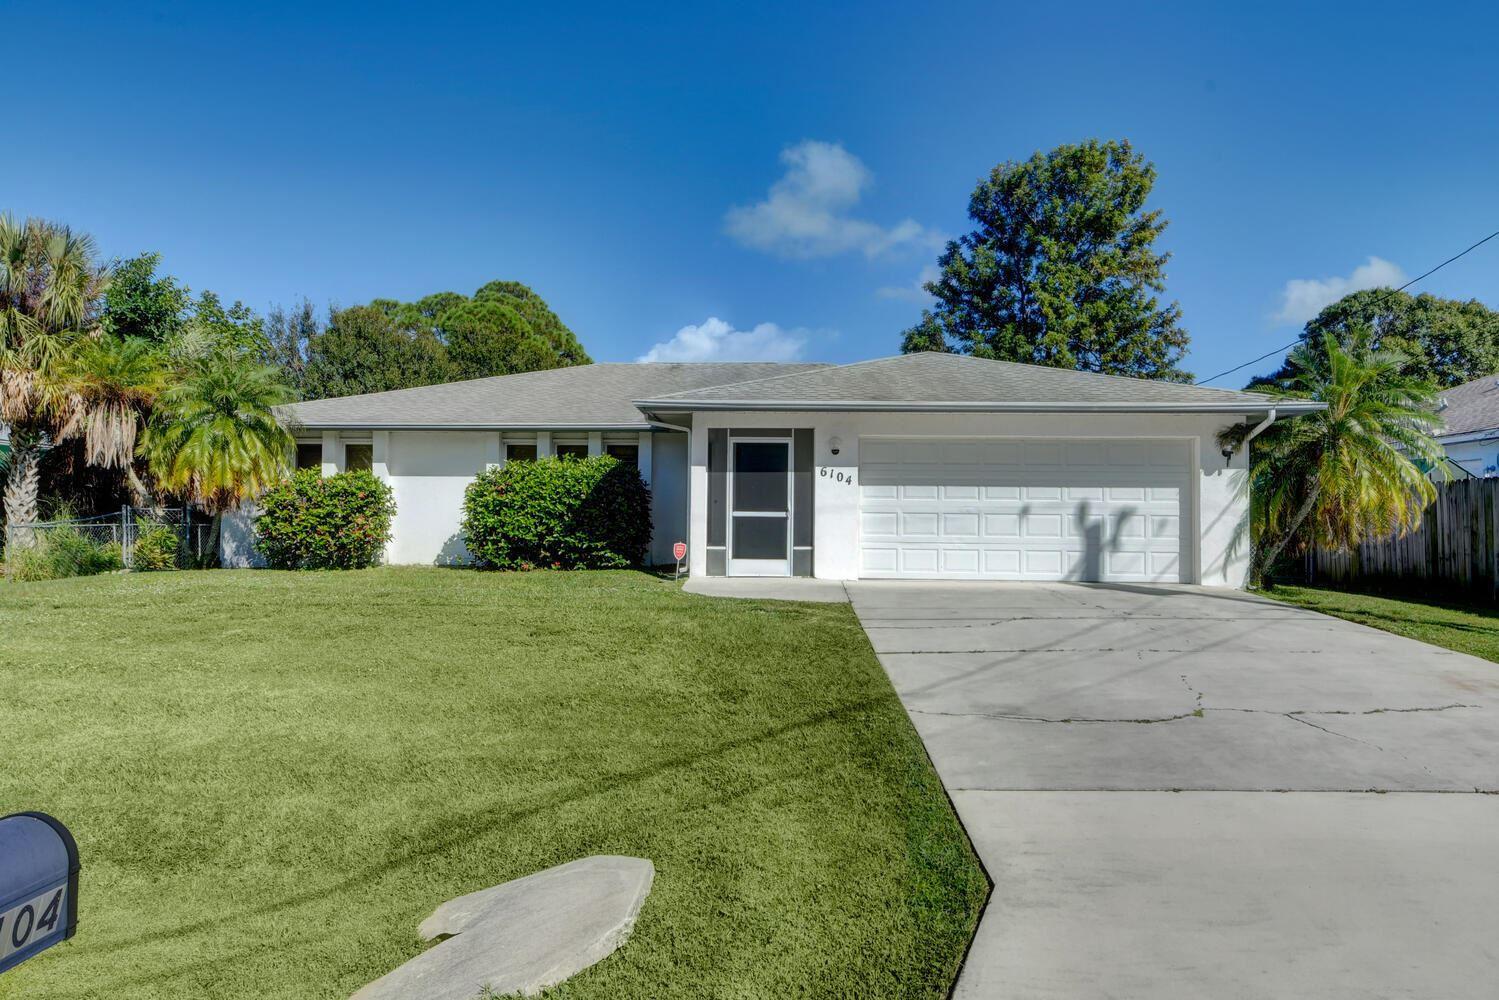 6104 Birch Drive, Fort Pierce, FL 34982 - #: RX-10752119